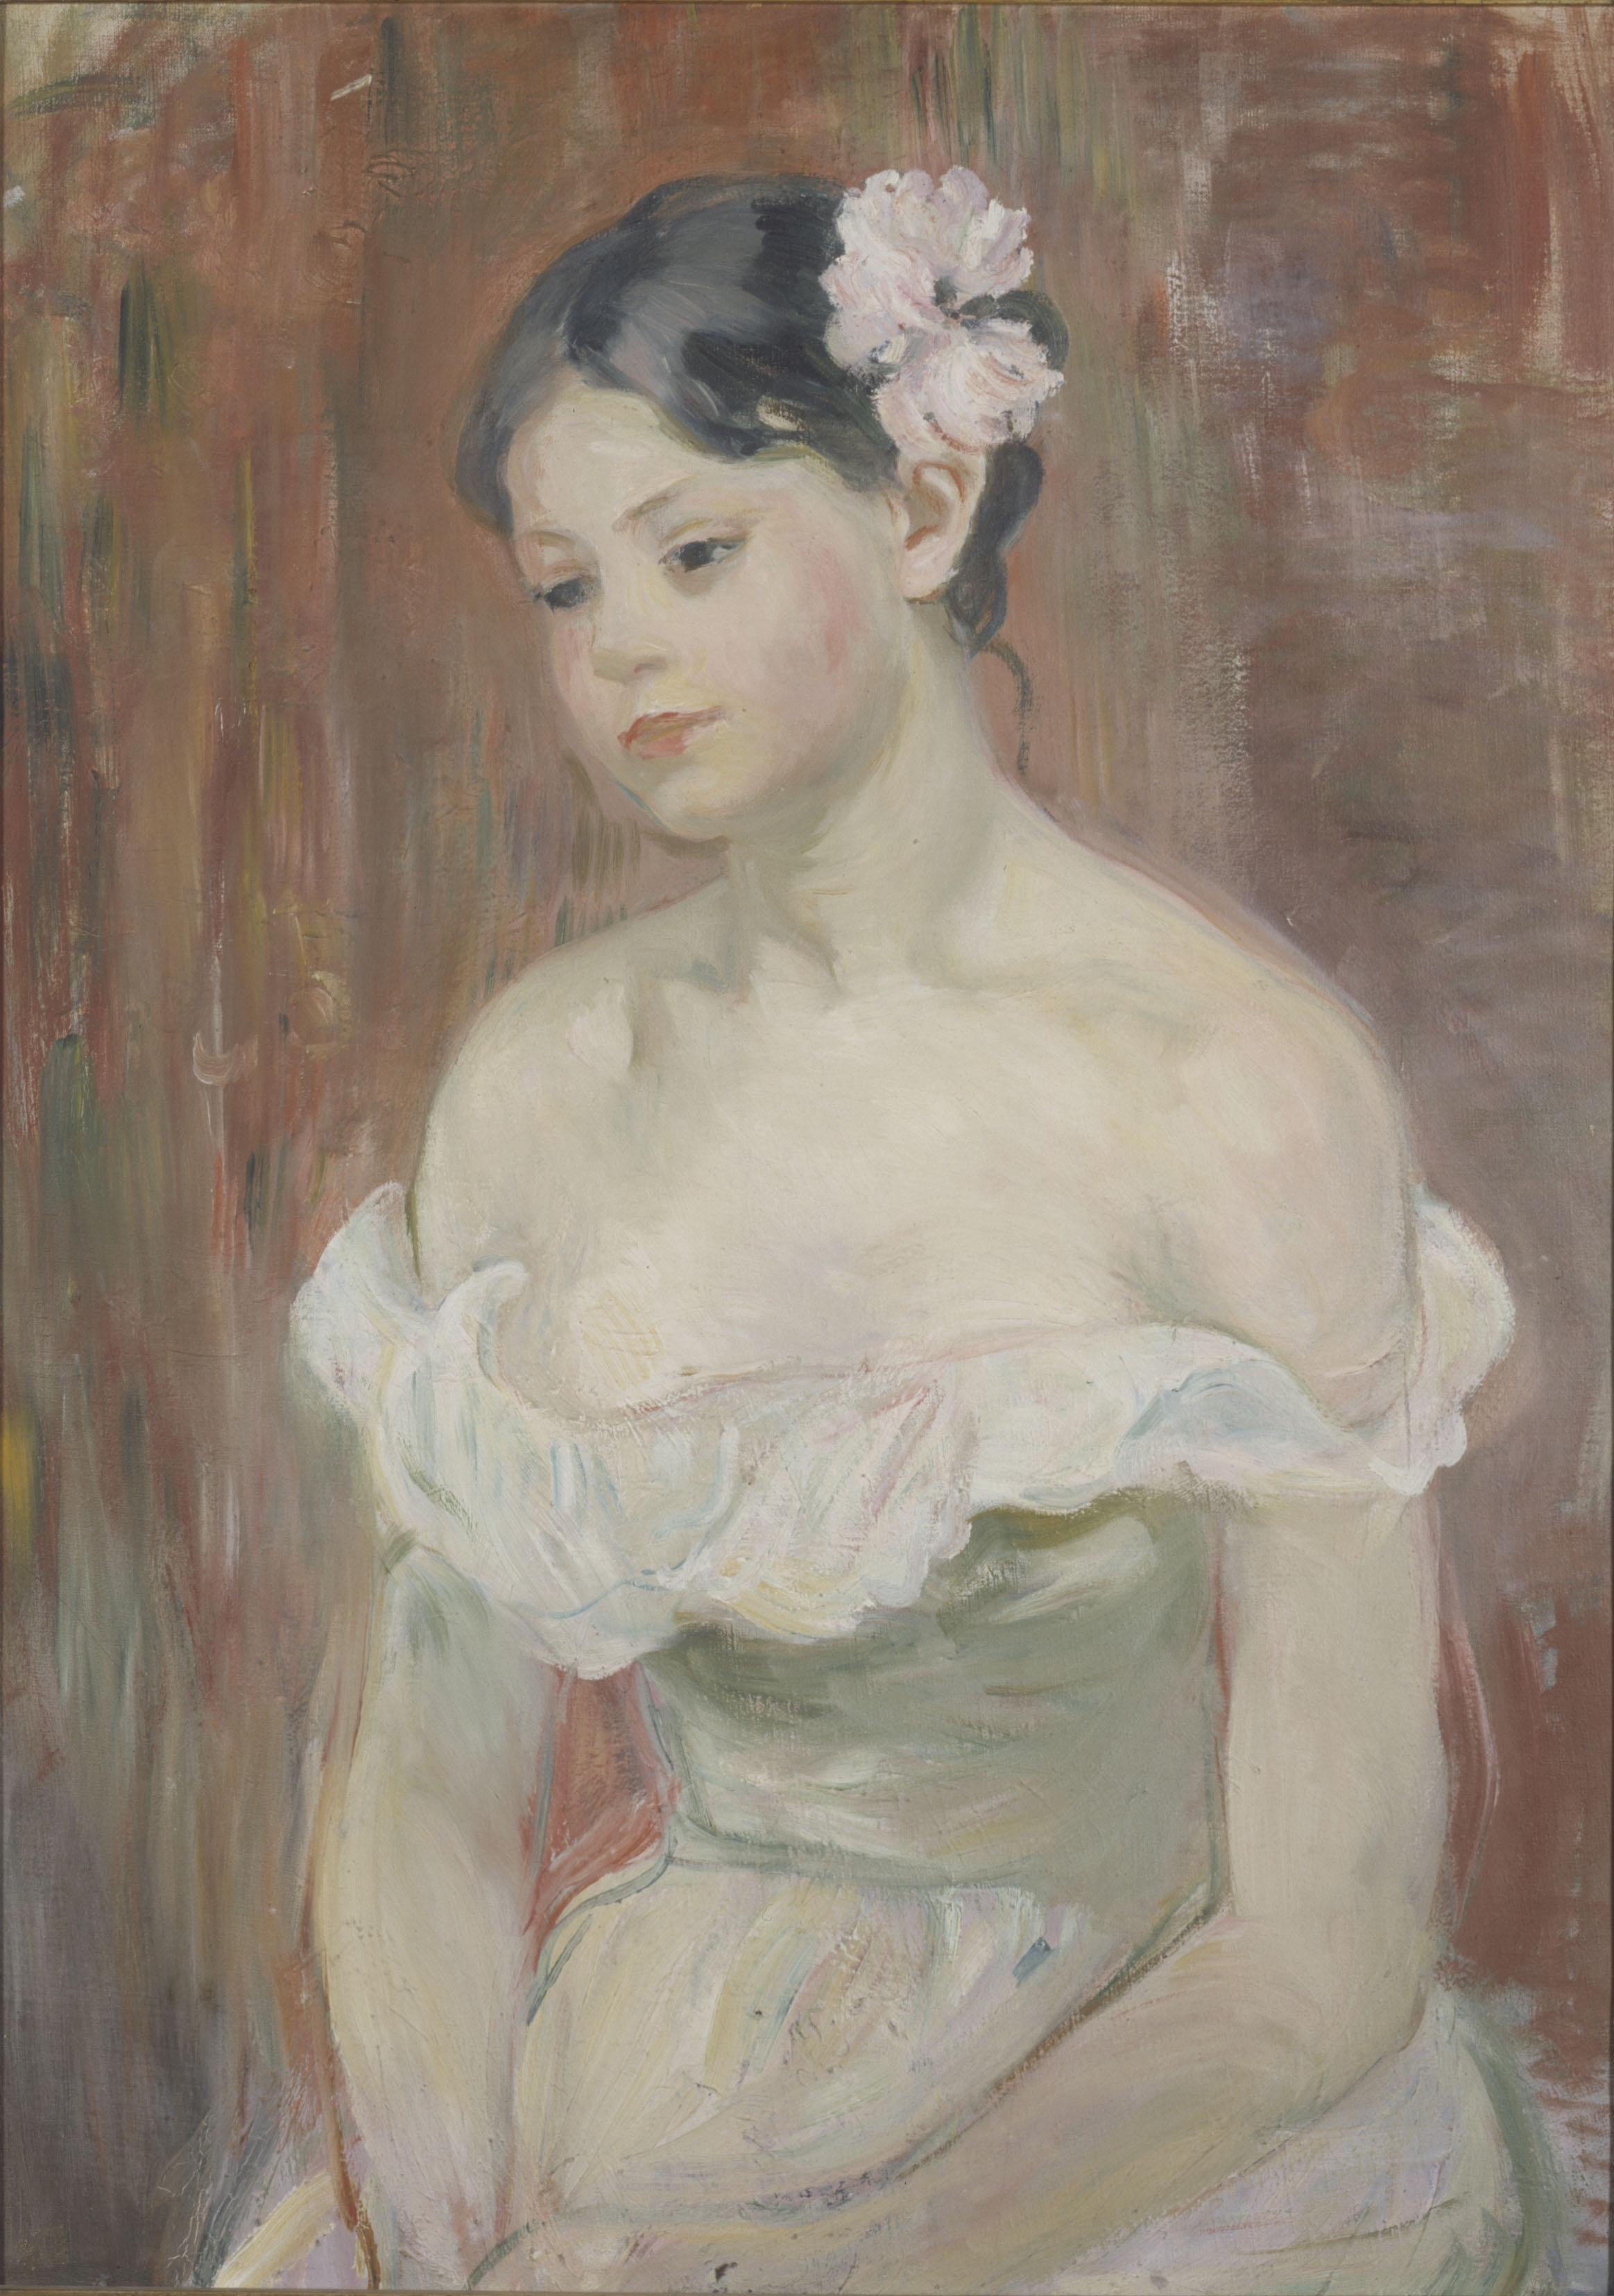 Berthe Morisot - Jeune fille en décolleté - La fleur aux cheveux, 1893